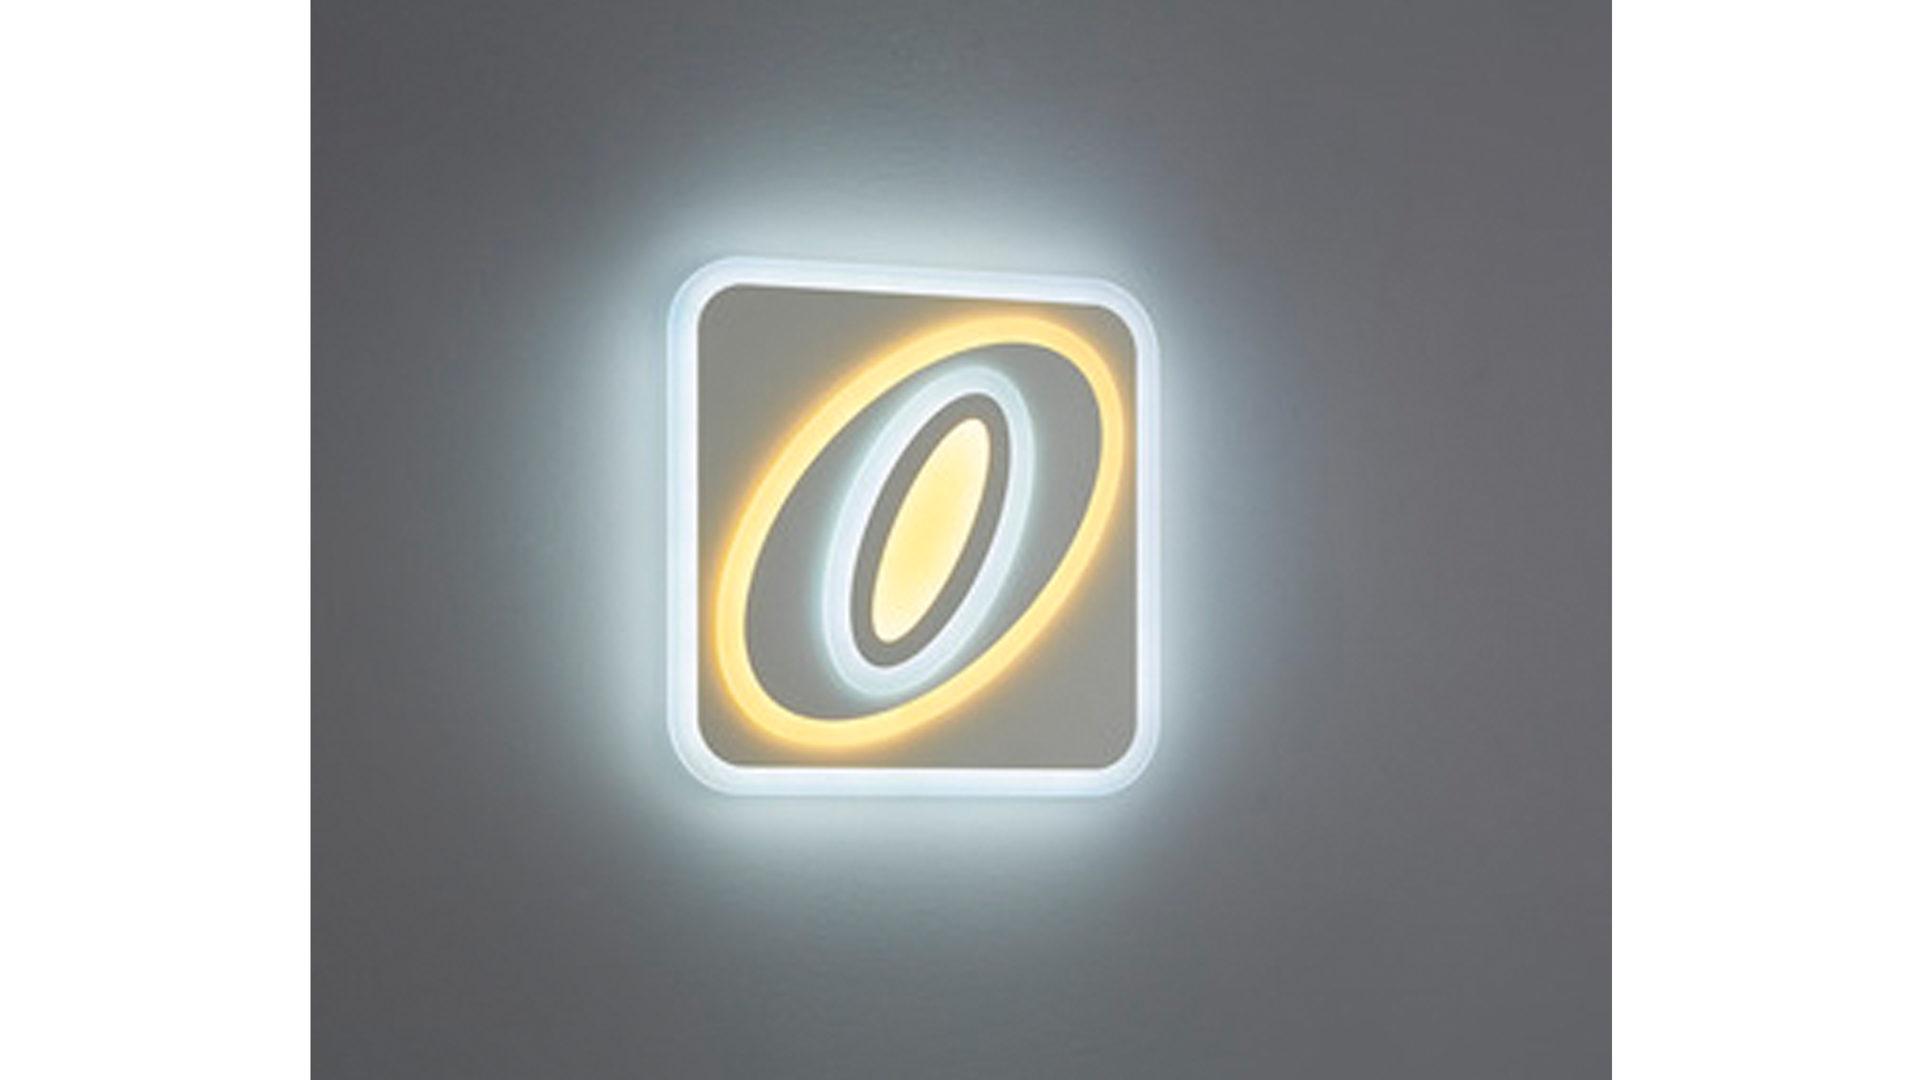 Ausgezeichnet Einzeldraht Von Einem Led Licht Fotos - Elektrische ...